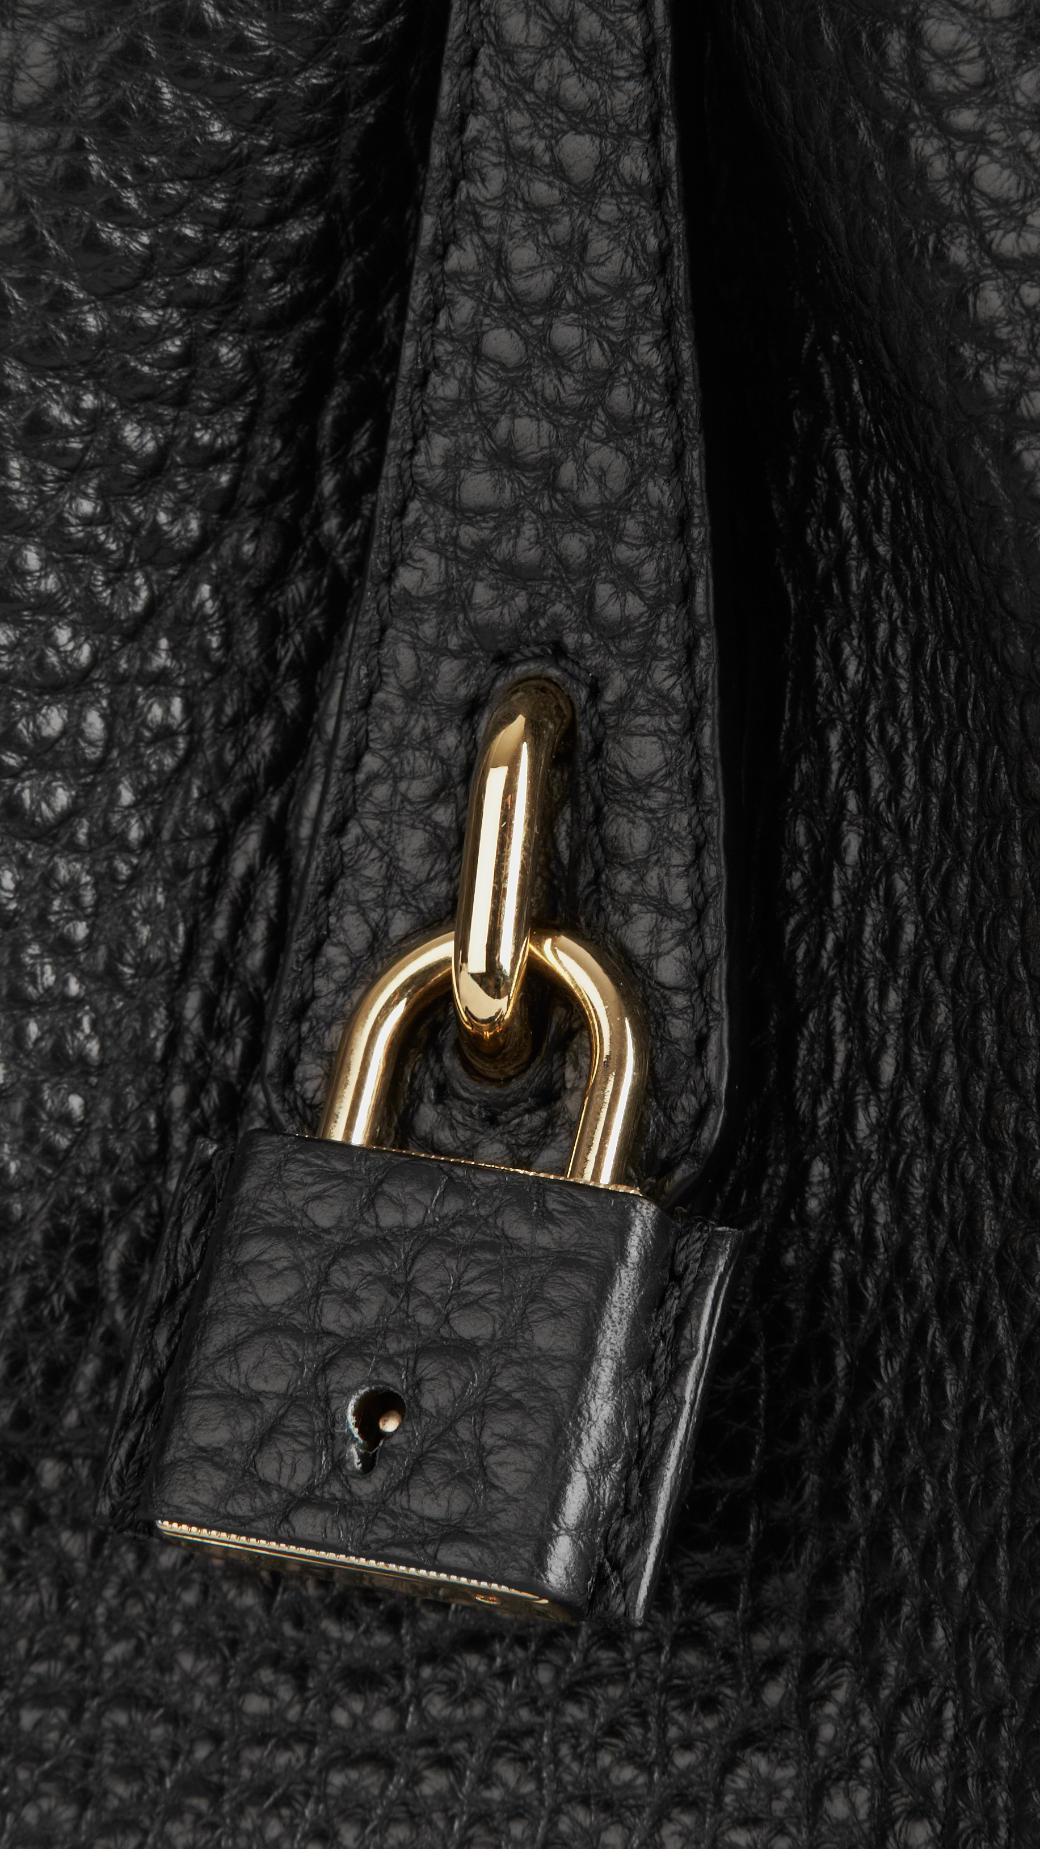 6b3e273b9fa Burberry Small Signature Grain Leather Tote Bag in Black - Lyst